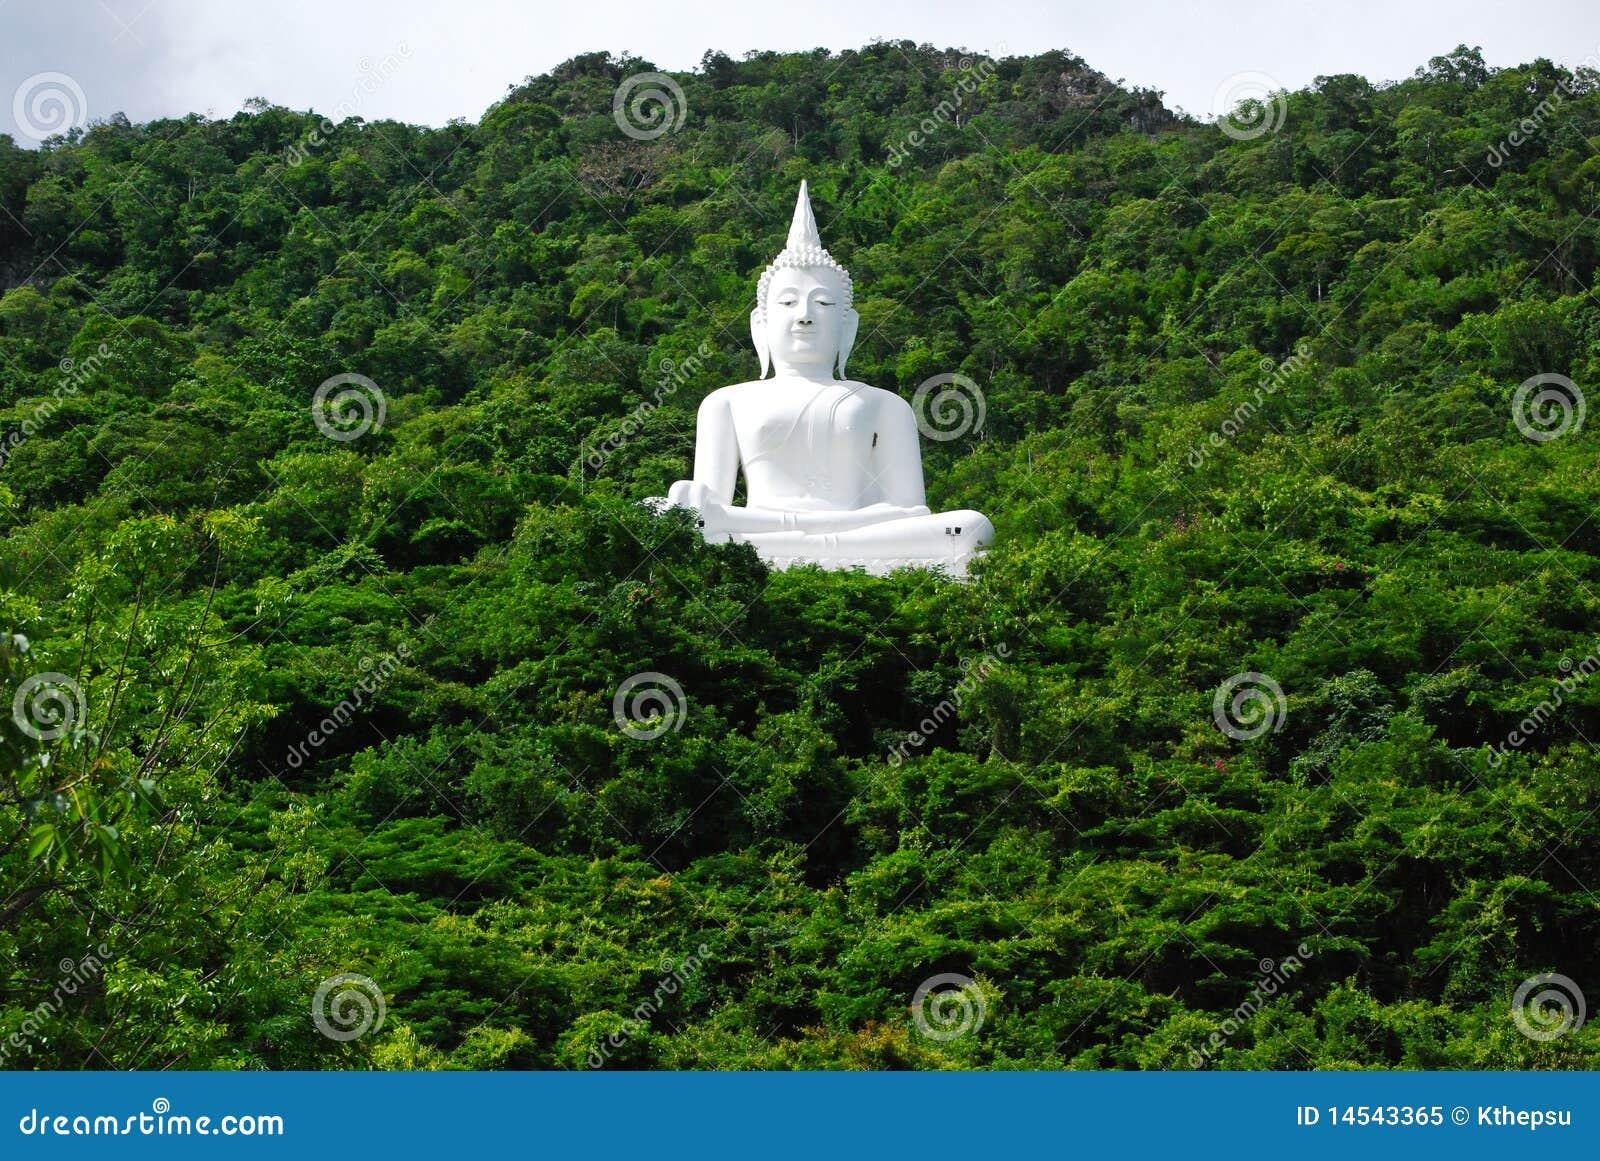 Buddha Mountain - Wikipedia